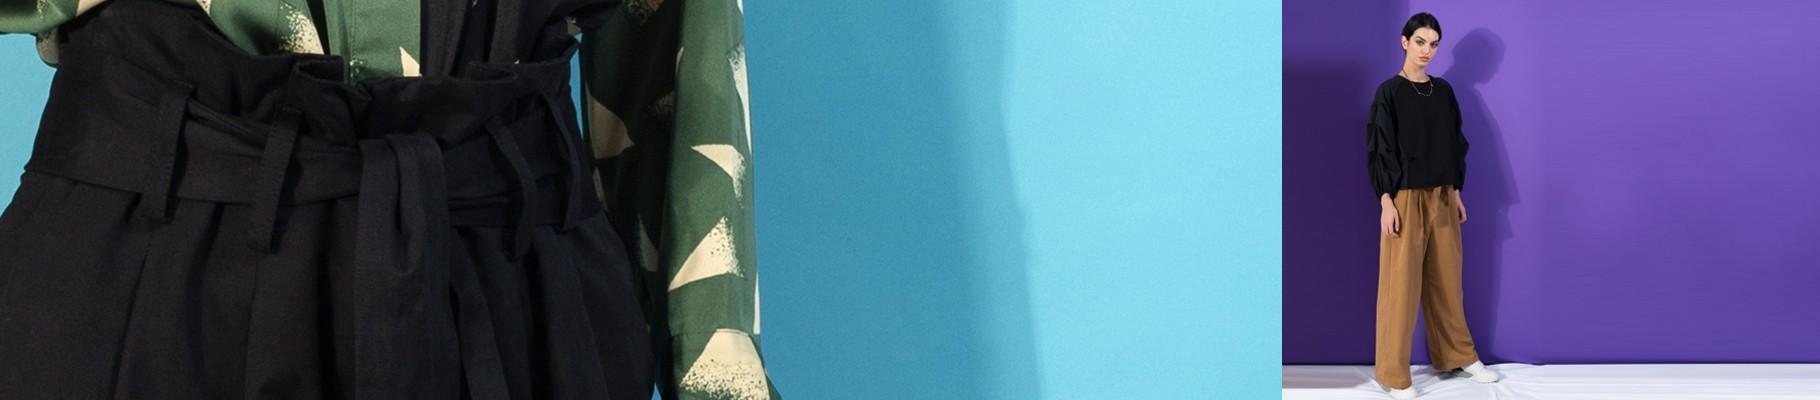 Pantalone da Donna Stampate - Collezione Invernale Exclusiva ANONYME